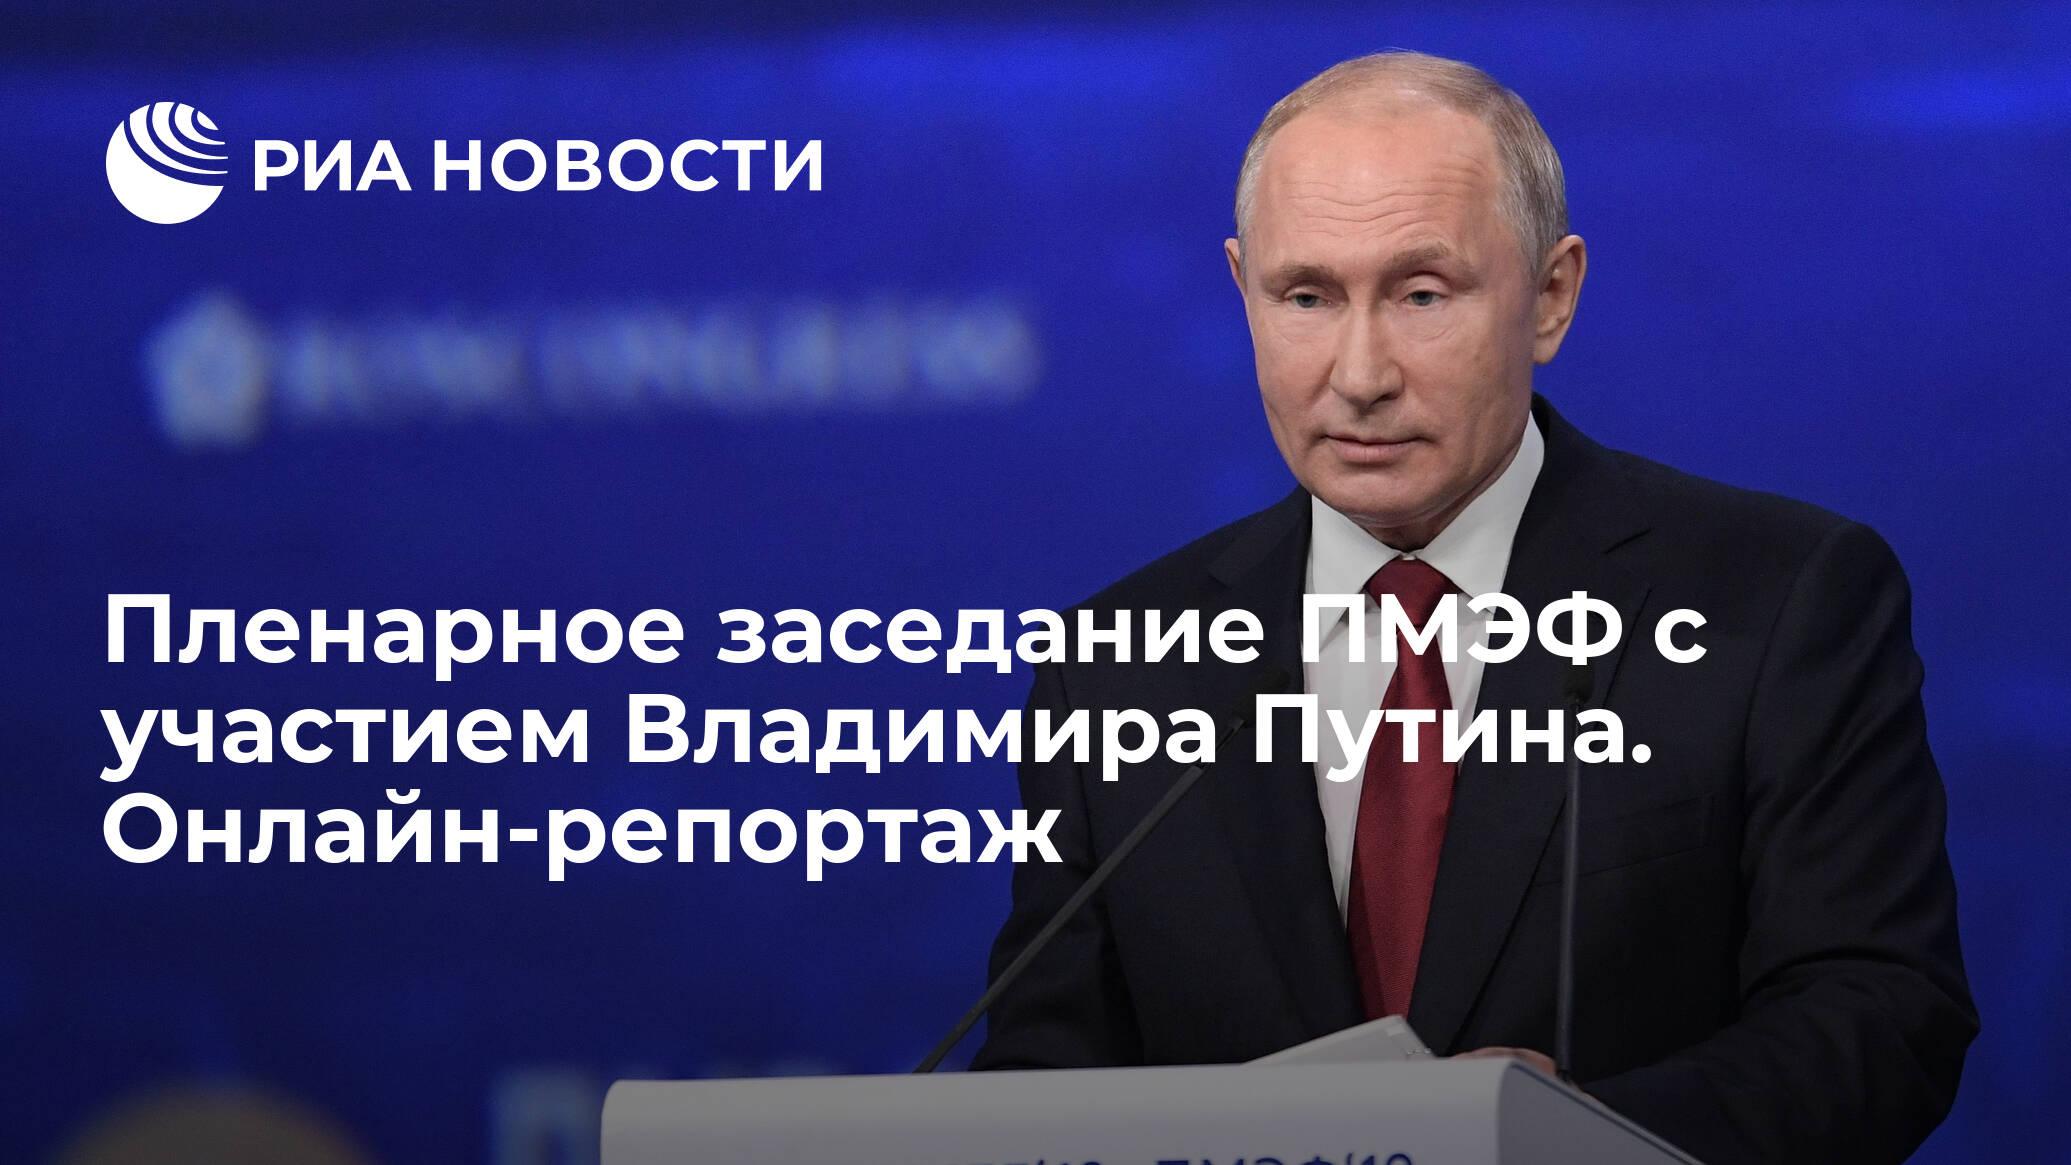 Пленарное заседание ПМЭФ с участием Владимира Путина. Онлайн-репортаж